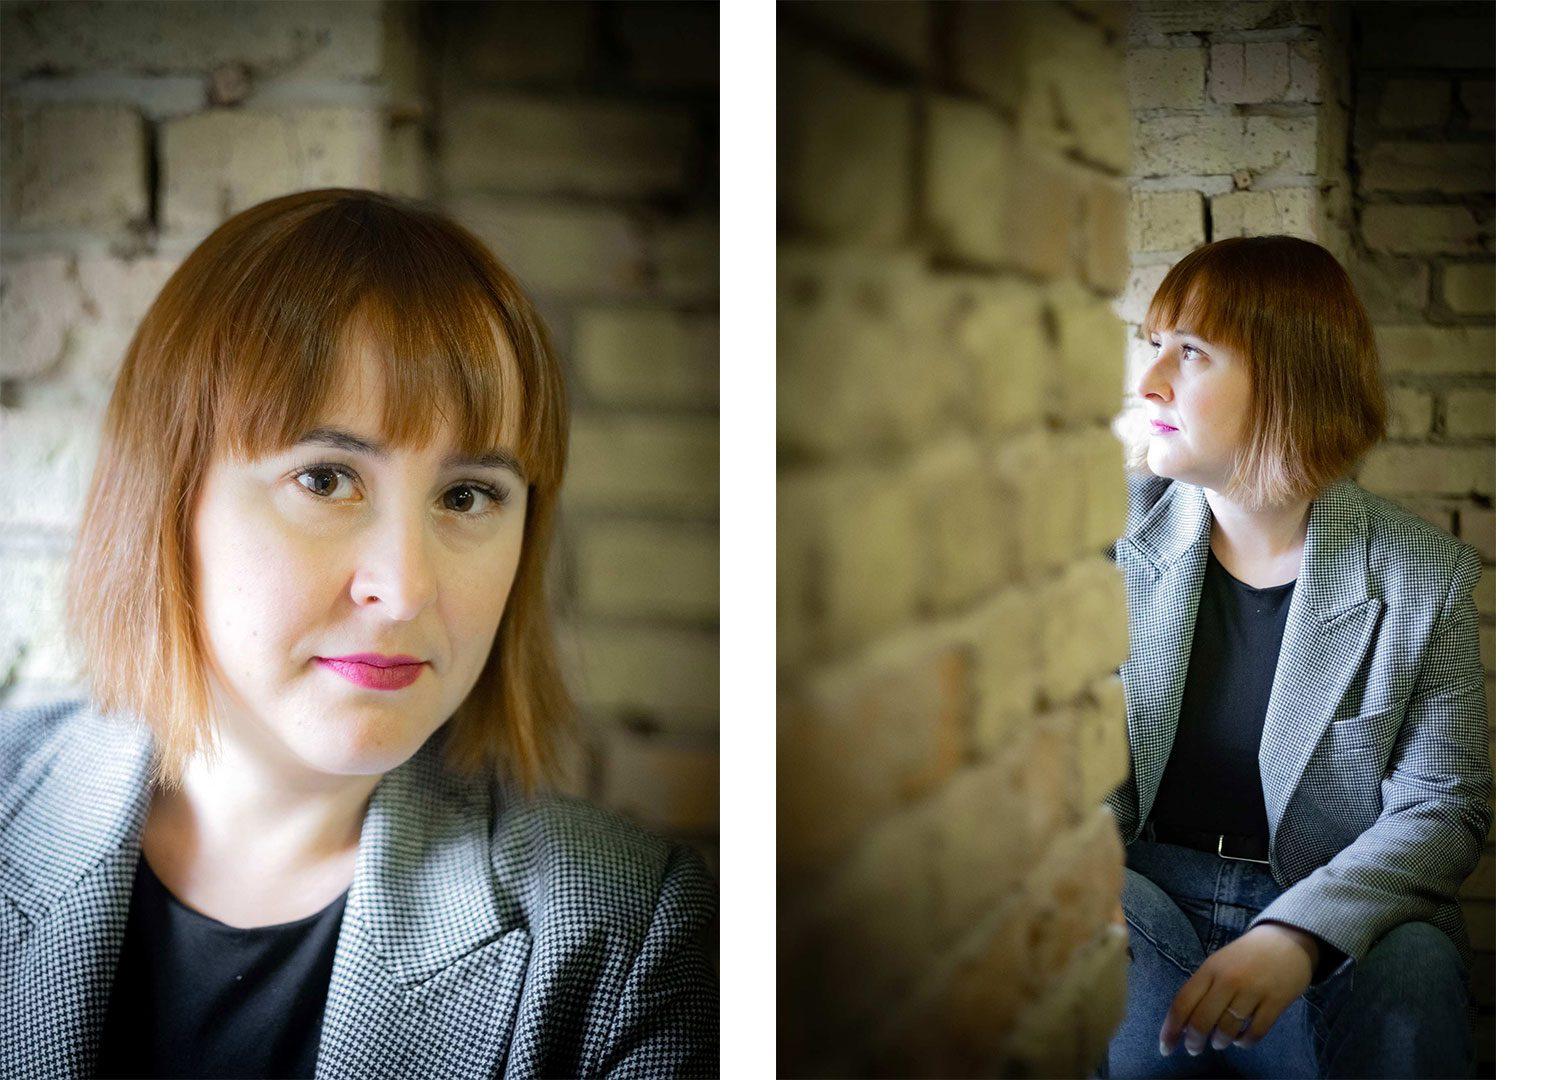 alina sarnacka 05 - <b>«Мне говорили: есть нормальные люди, а есть ты».</b> Почему бывшие секс-работницы хотят декриминализировать сферу секс-услуг - Заборона